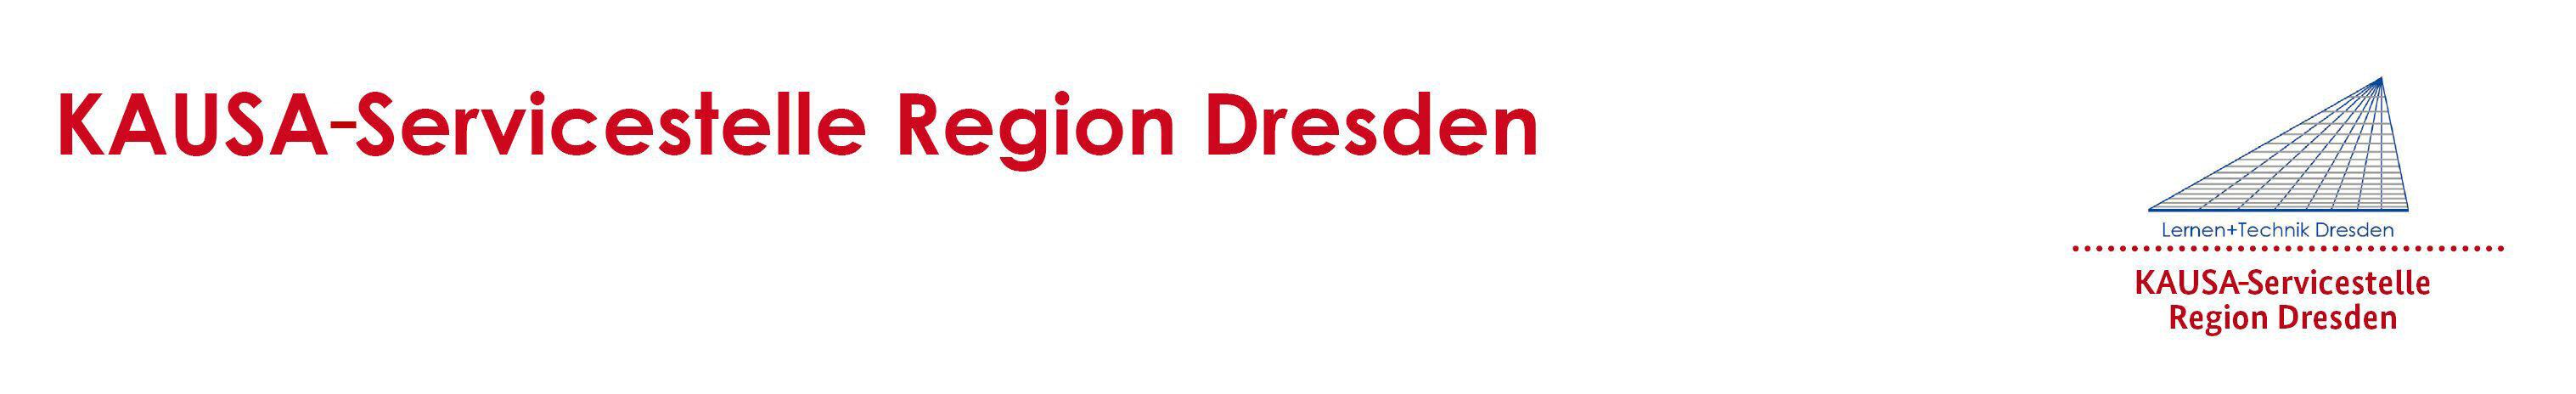 KAUSA Servicestelle Region Dresden